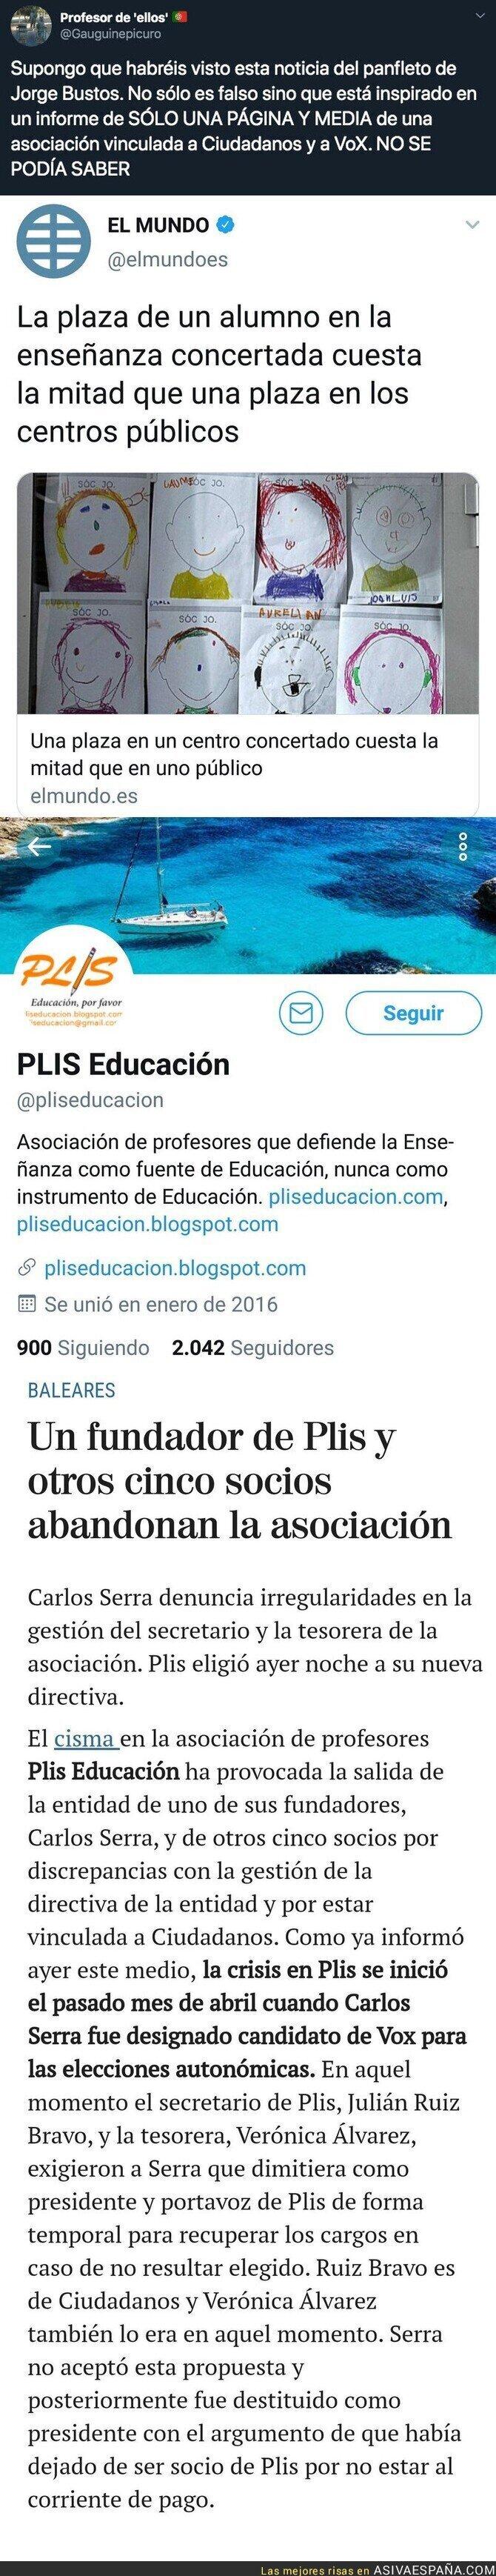 129315 - Jorge Bustos siempre informando de forma rigurosa